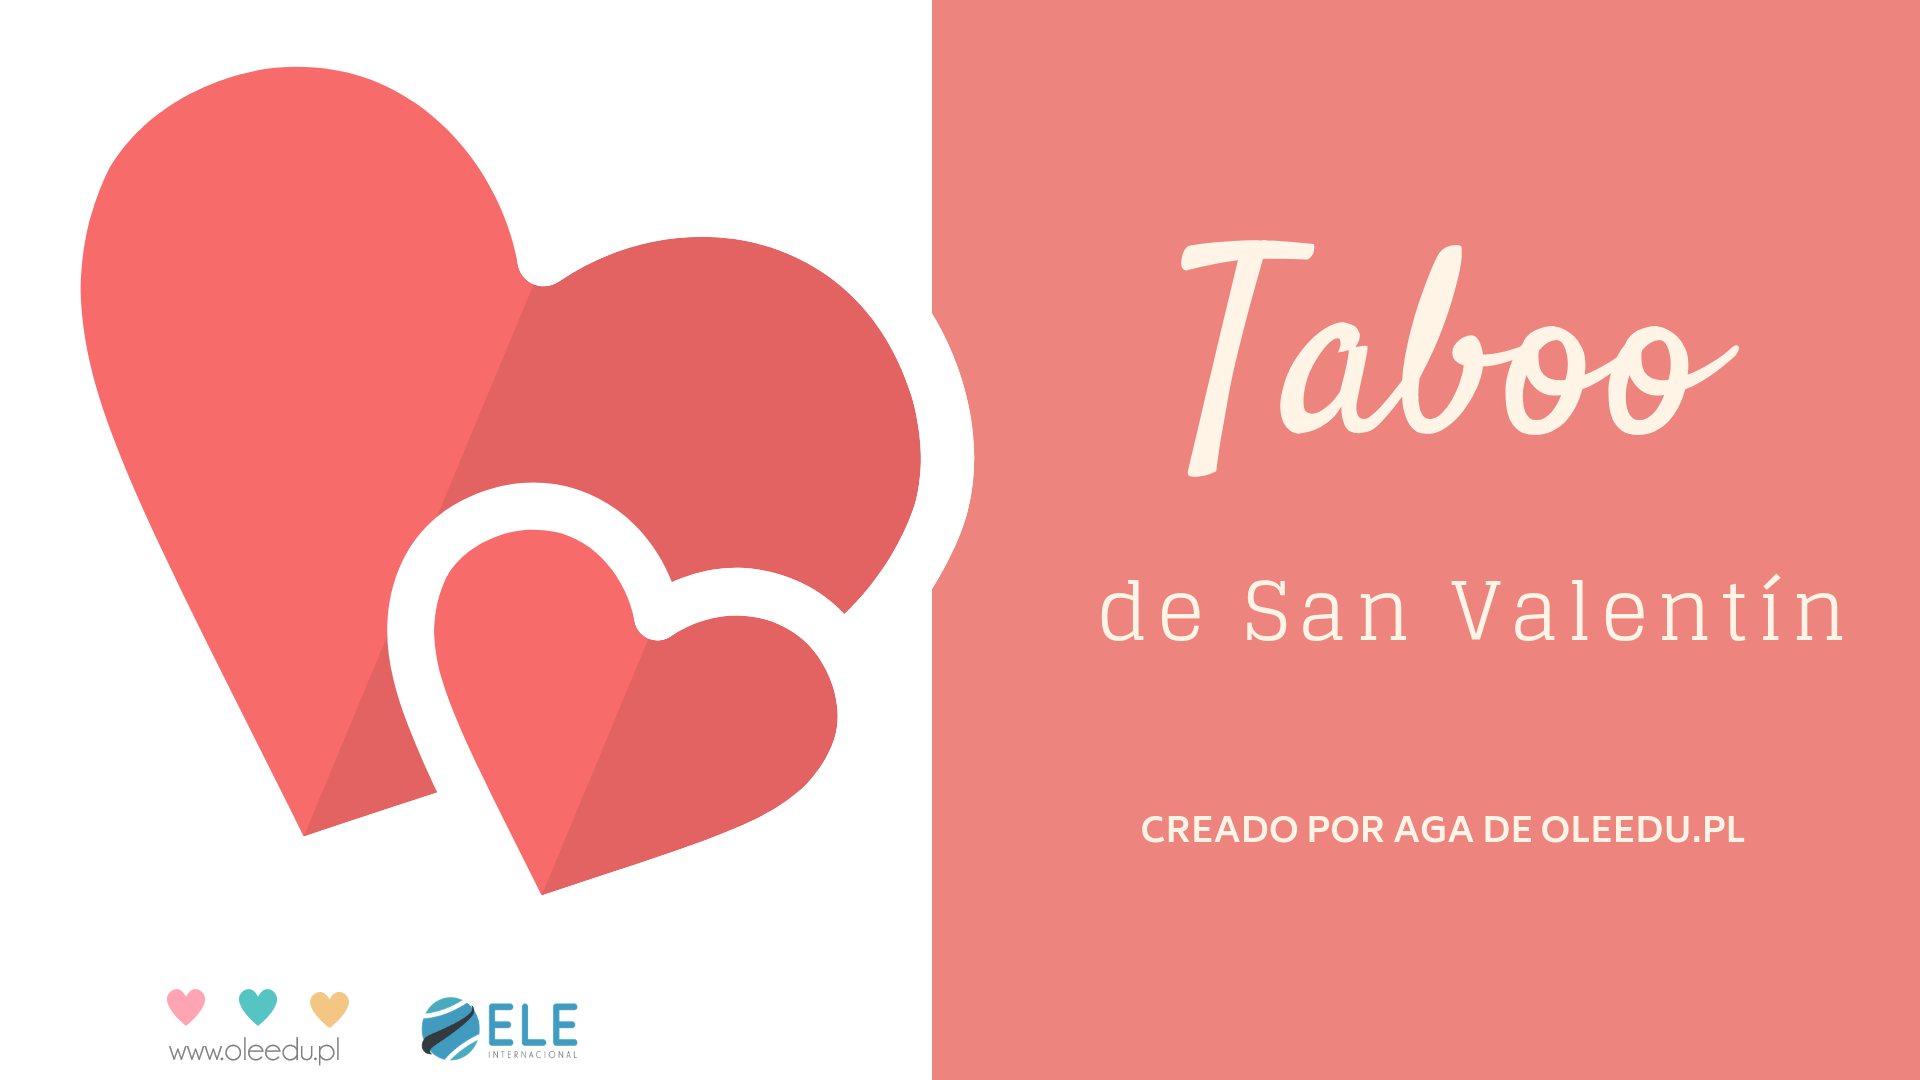 Ideas para trabajar en San Valentín con niños y adolescentes. Ideas para trabajar vocabulario de San Valentín en clase de español. #teachmorespanish #spanishteacher